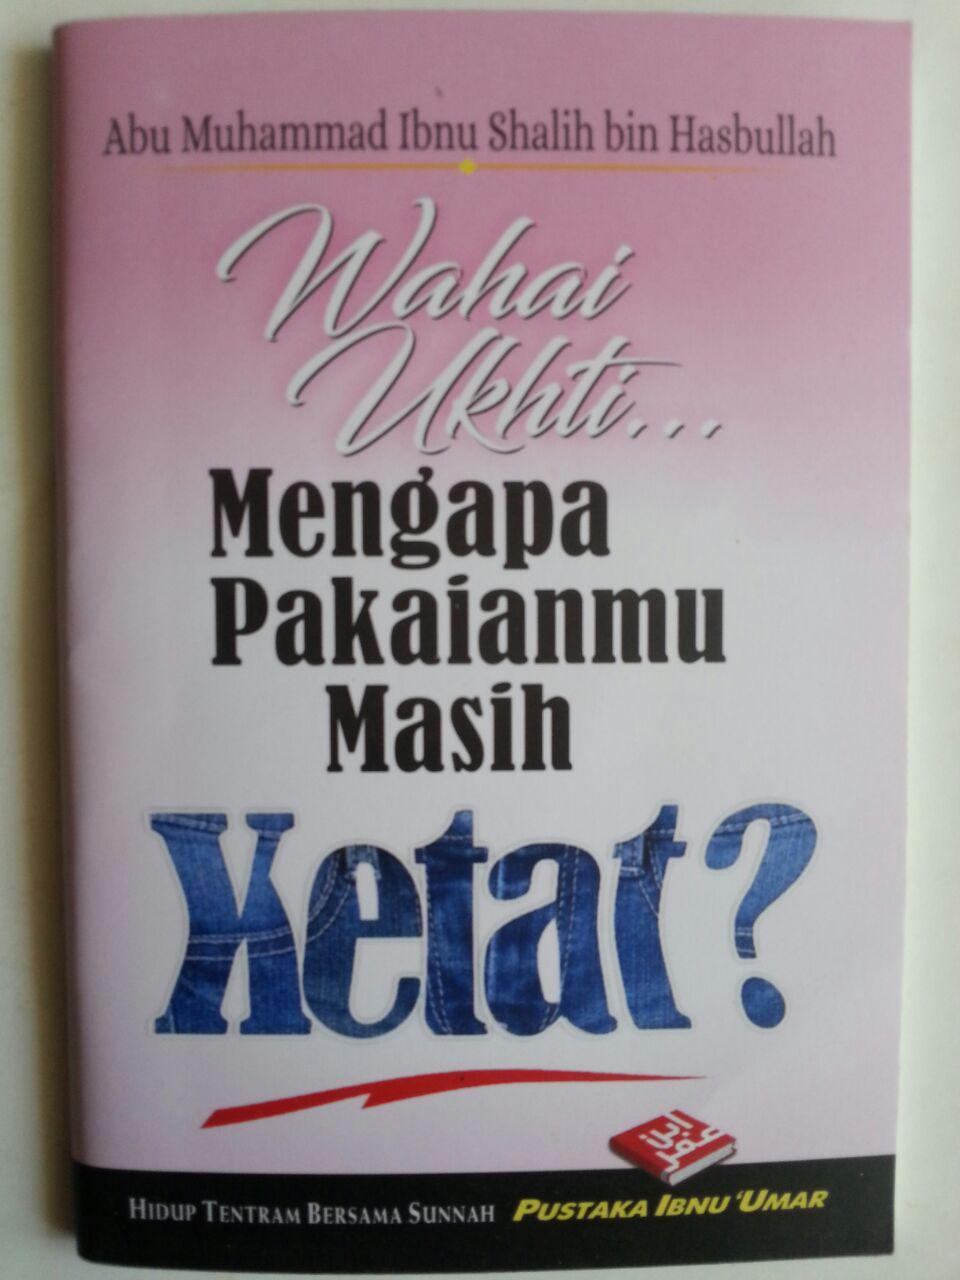 Buku Saku Wahai Ukhti Mengapa Pakaianmu Masih Ketat cover 2